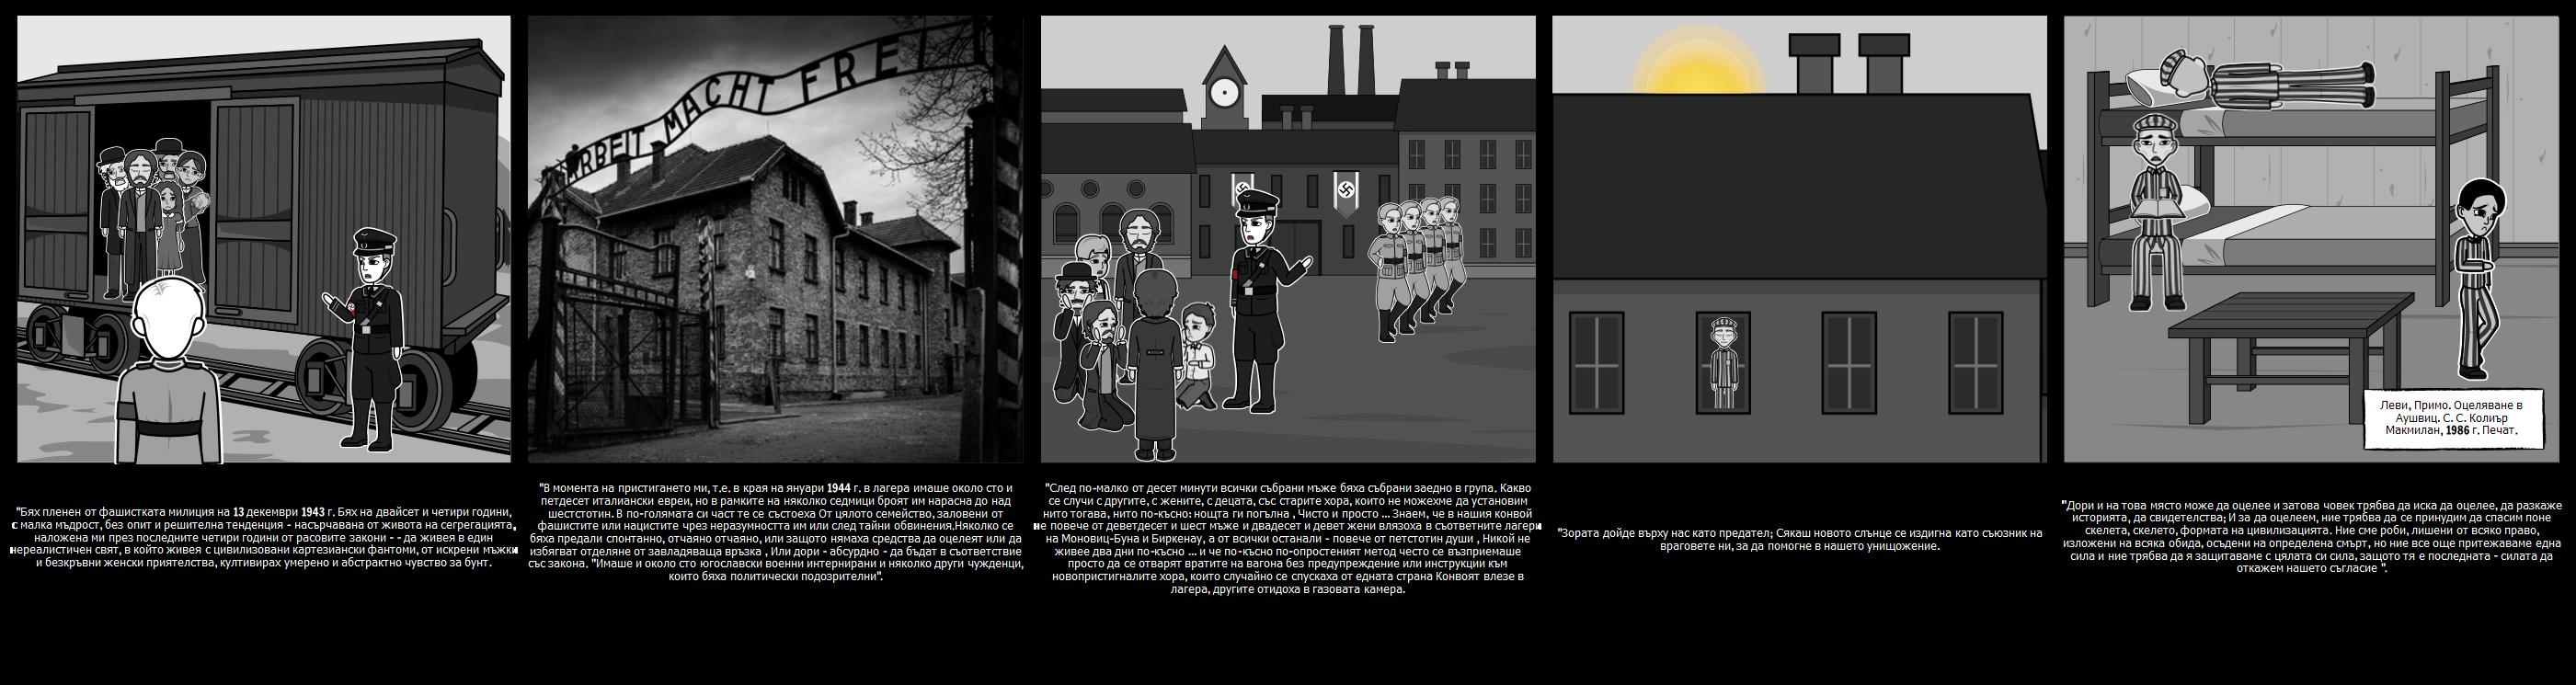 Историята на Холокоста - Жертвите на Холокоста: Primo Levy